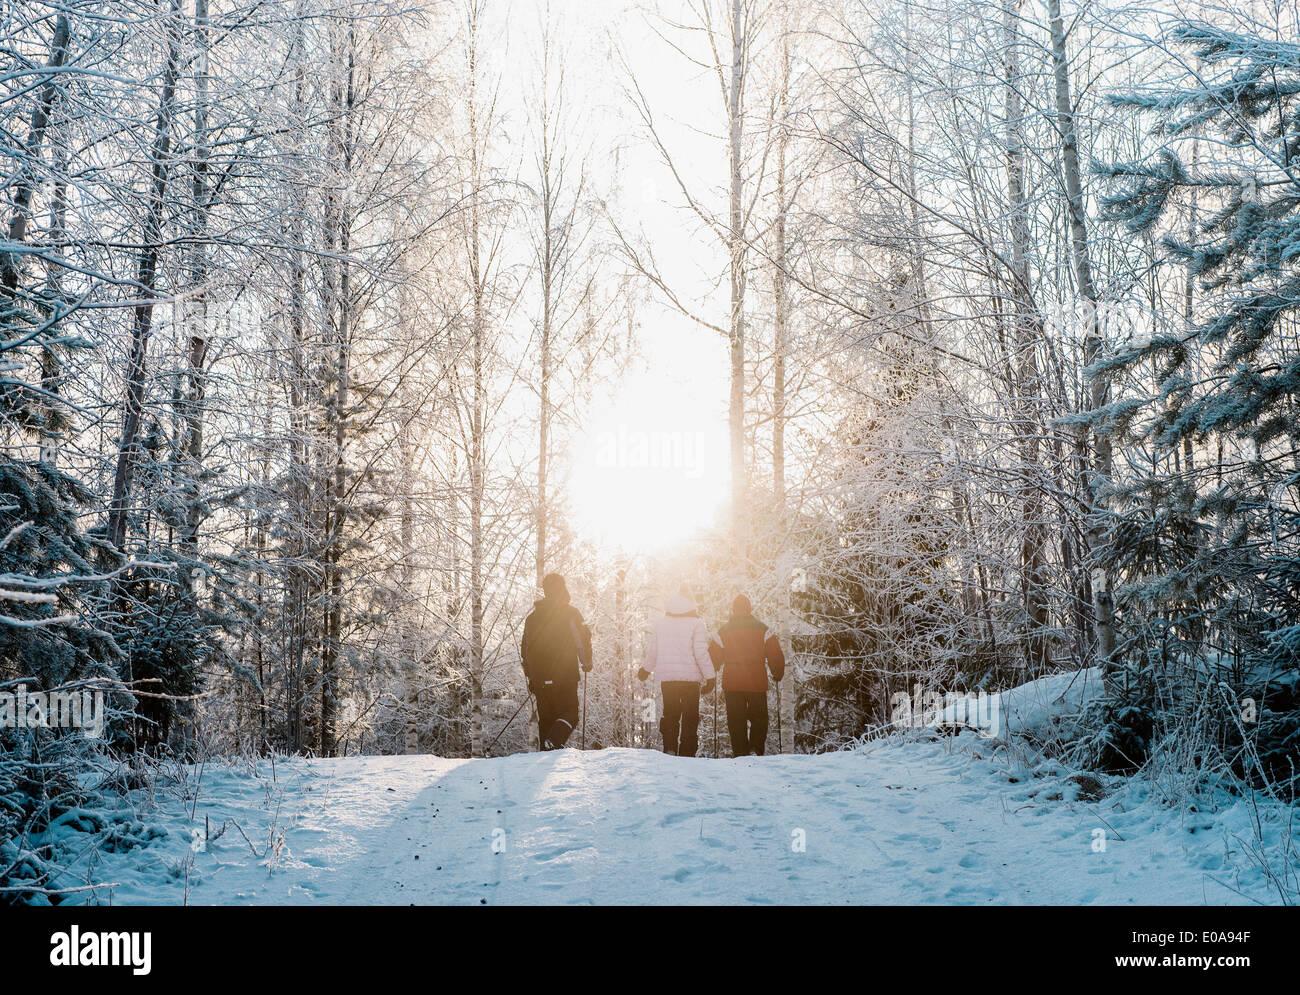 Tres personas nordic walking en el bosque cubierto de nieve Imagen De Stock